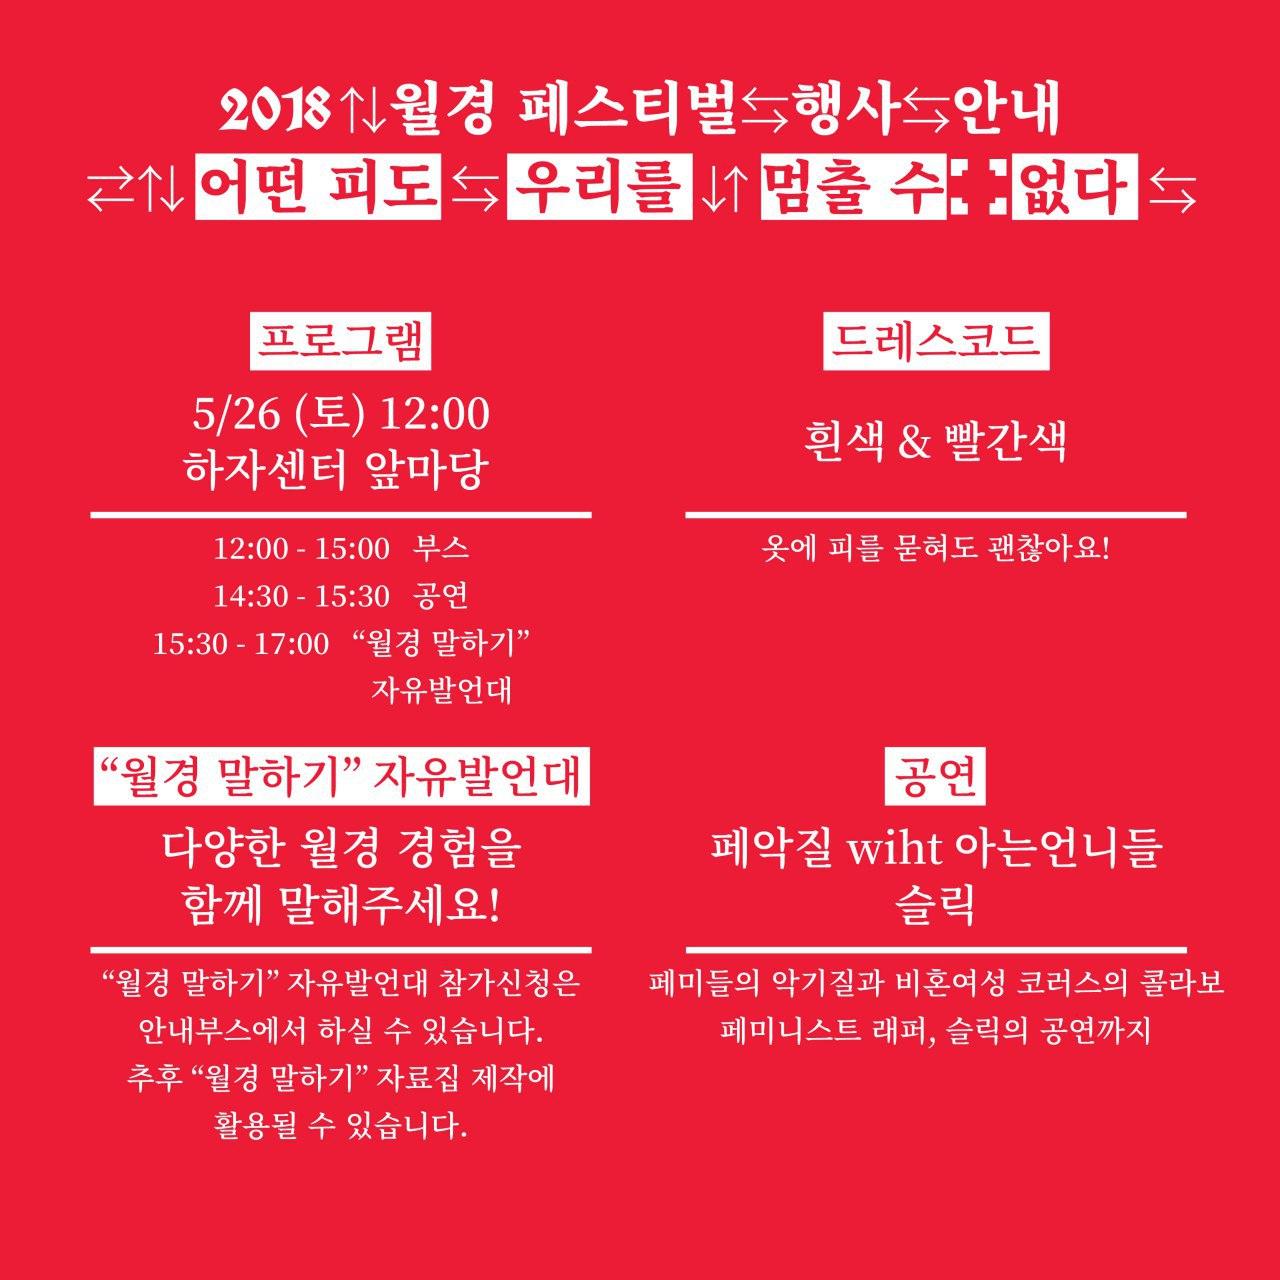 2018 월경페스티벌 포스터 10년 만에 다시 열리는 월경페스티벌은 부스와 공연, 자유발언으로 진행된다.